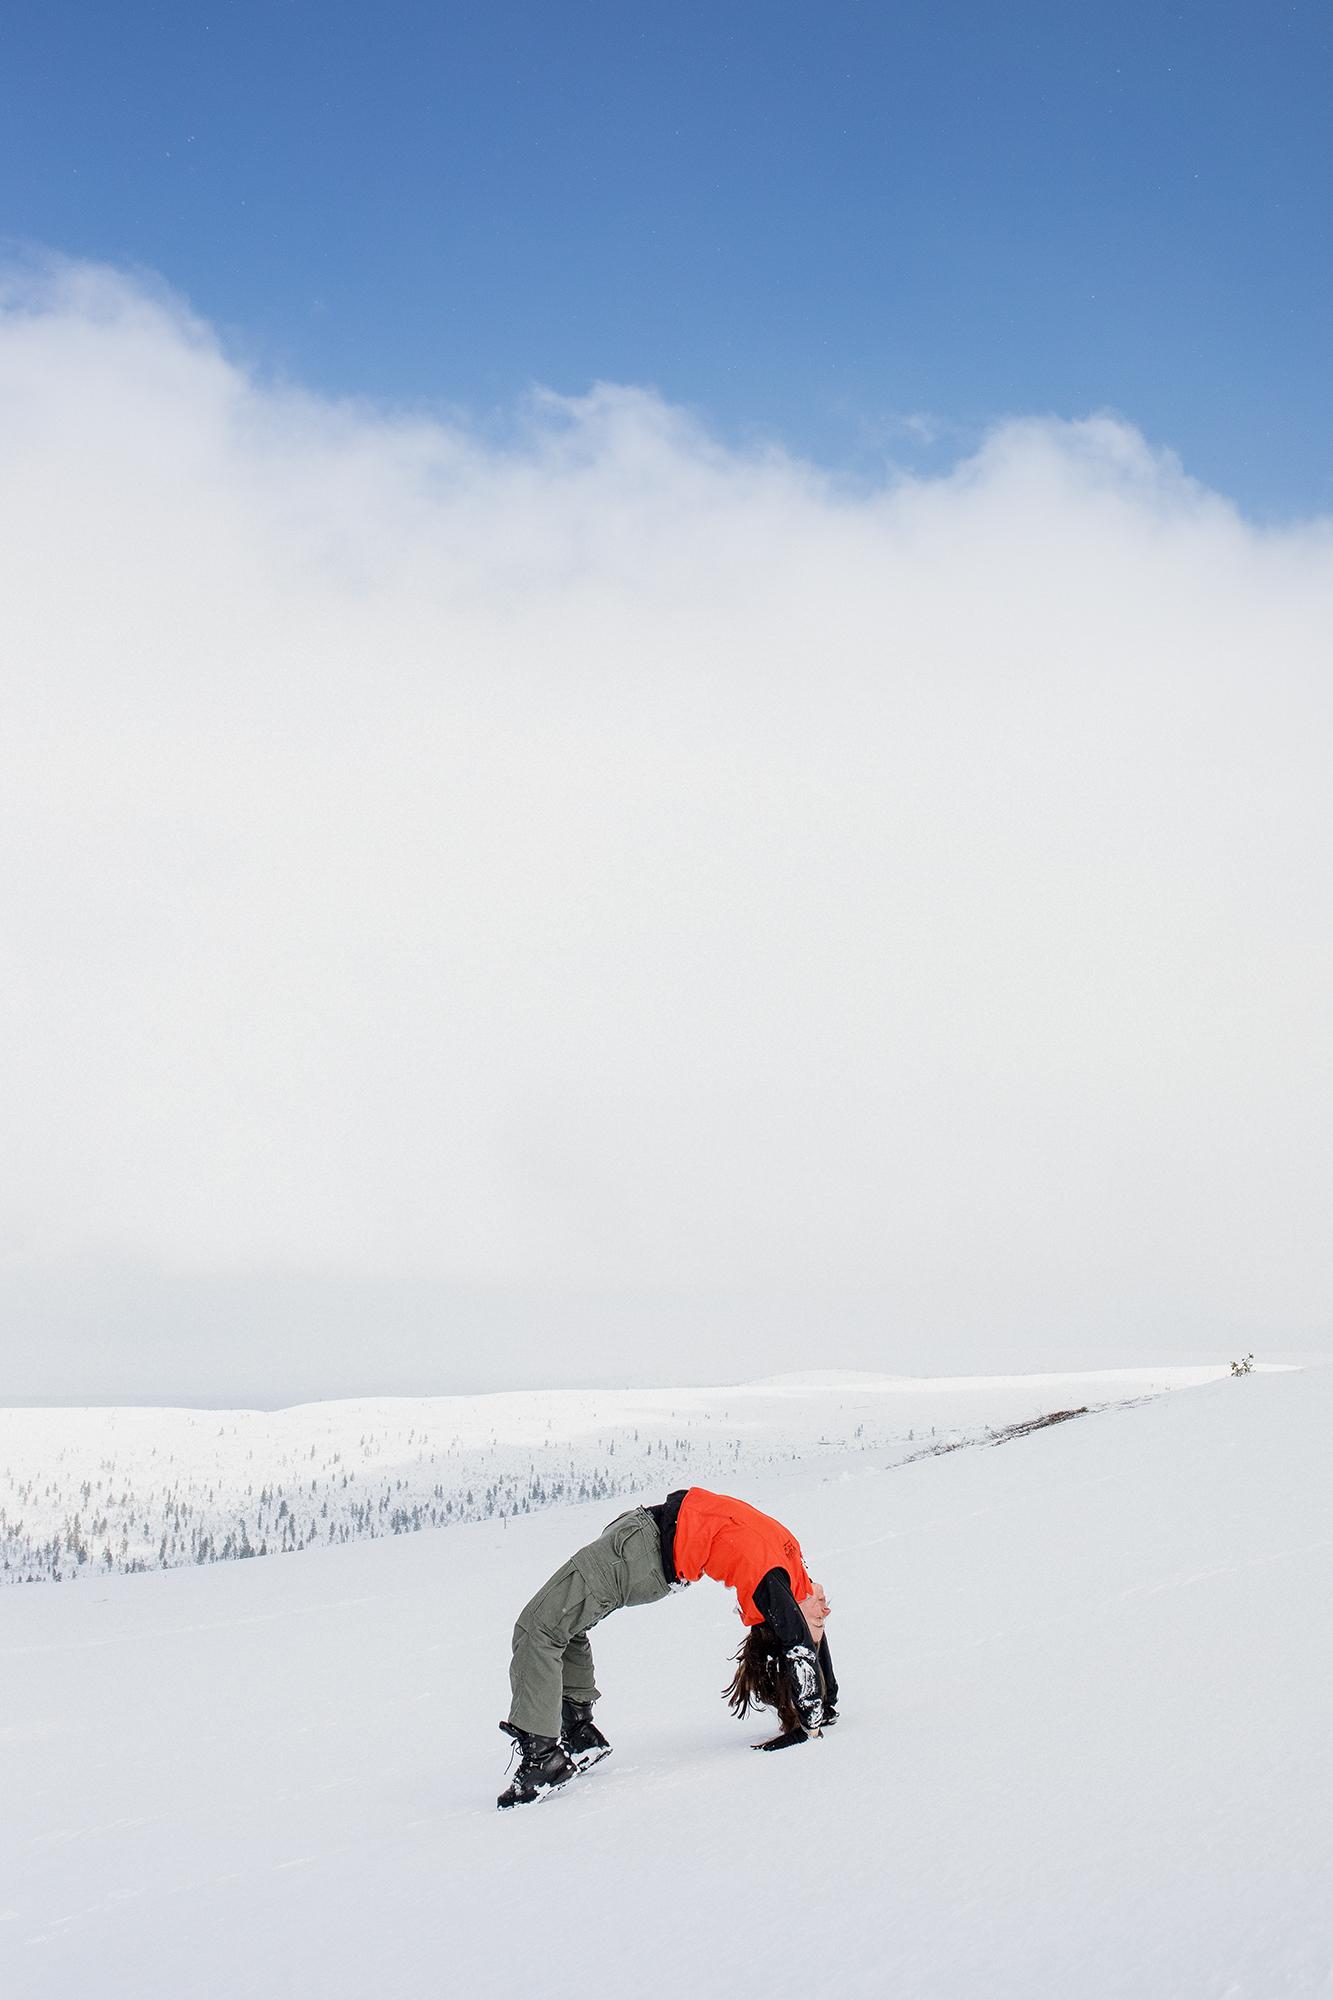 Our Arctic retreats 2019-2020 - 14JUL-20JULWellnessRetreat 7D14JUN-18JUNSilenceRetreat 5D21SEP-27SEP WellnessRetreat 8D23NOV-29NOVWellnessRetreat 8D16 - 20 JAN 2020 SilenceRetreat 5D